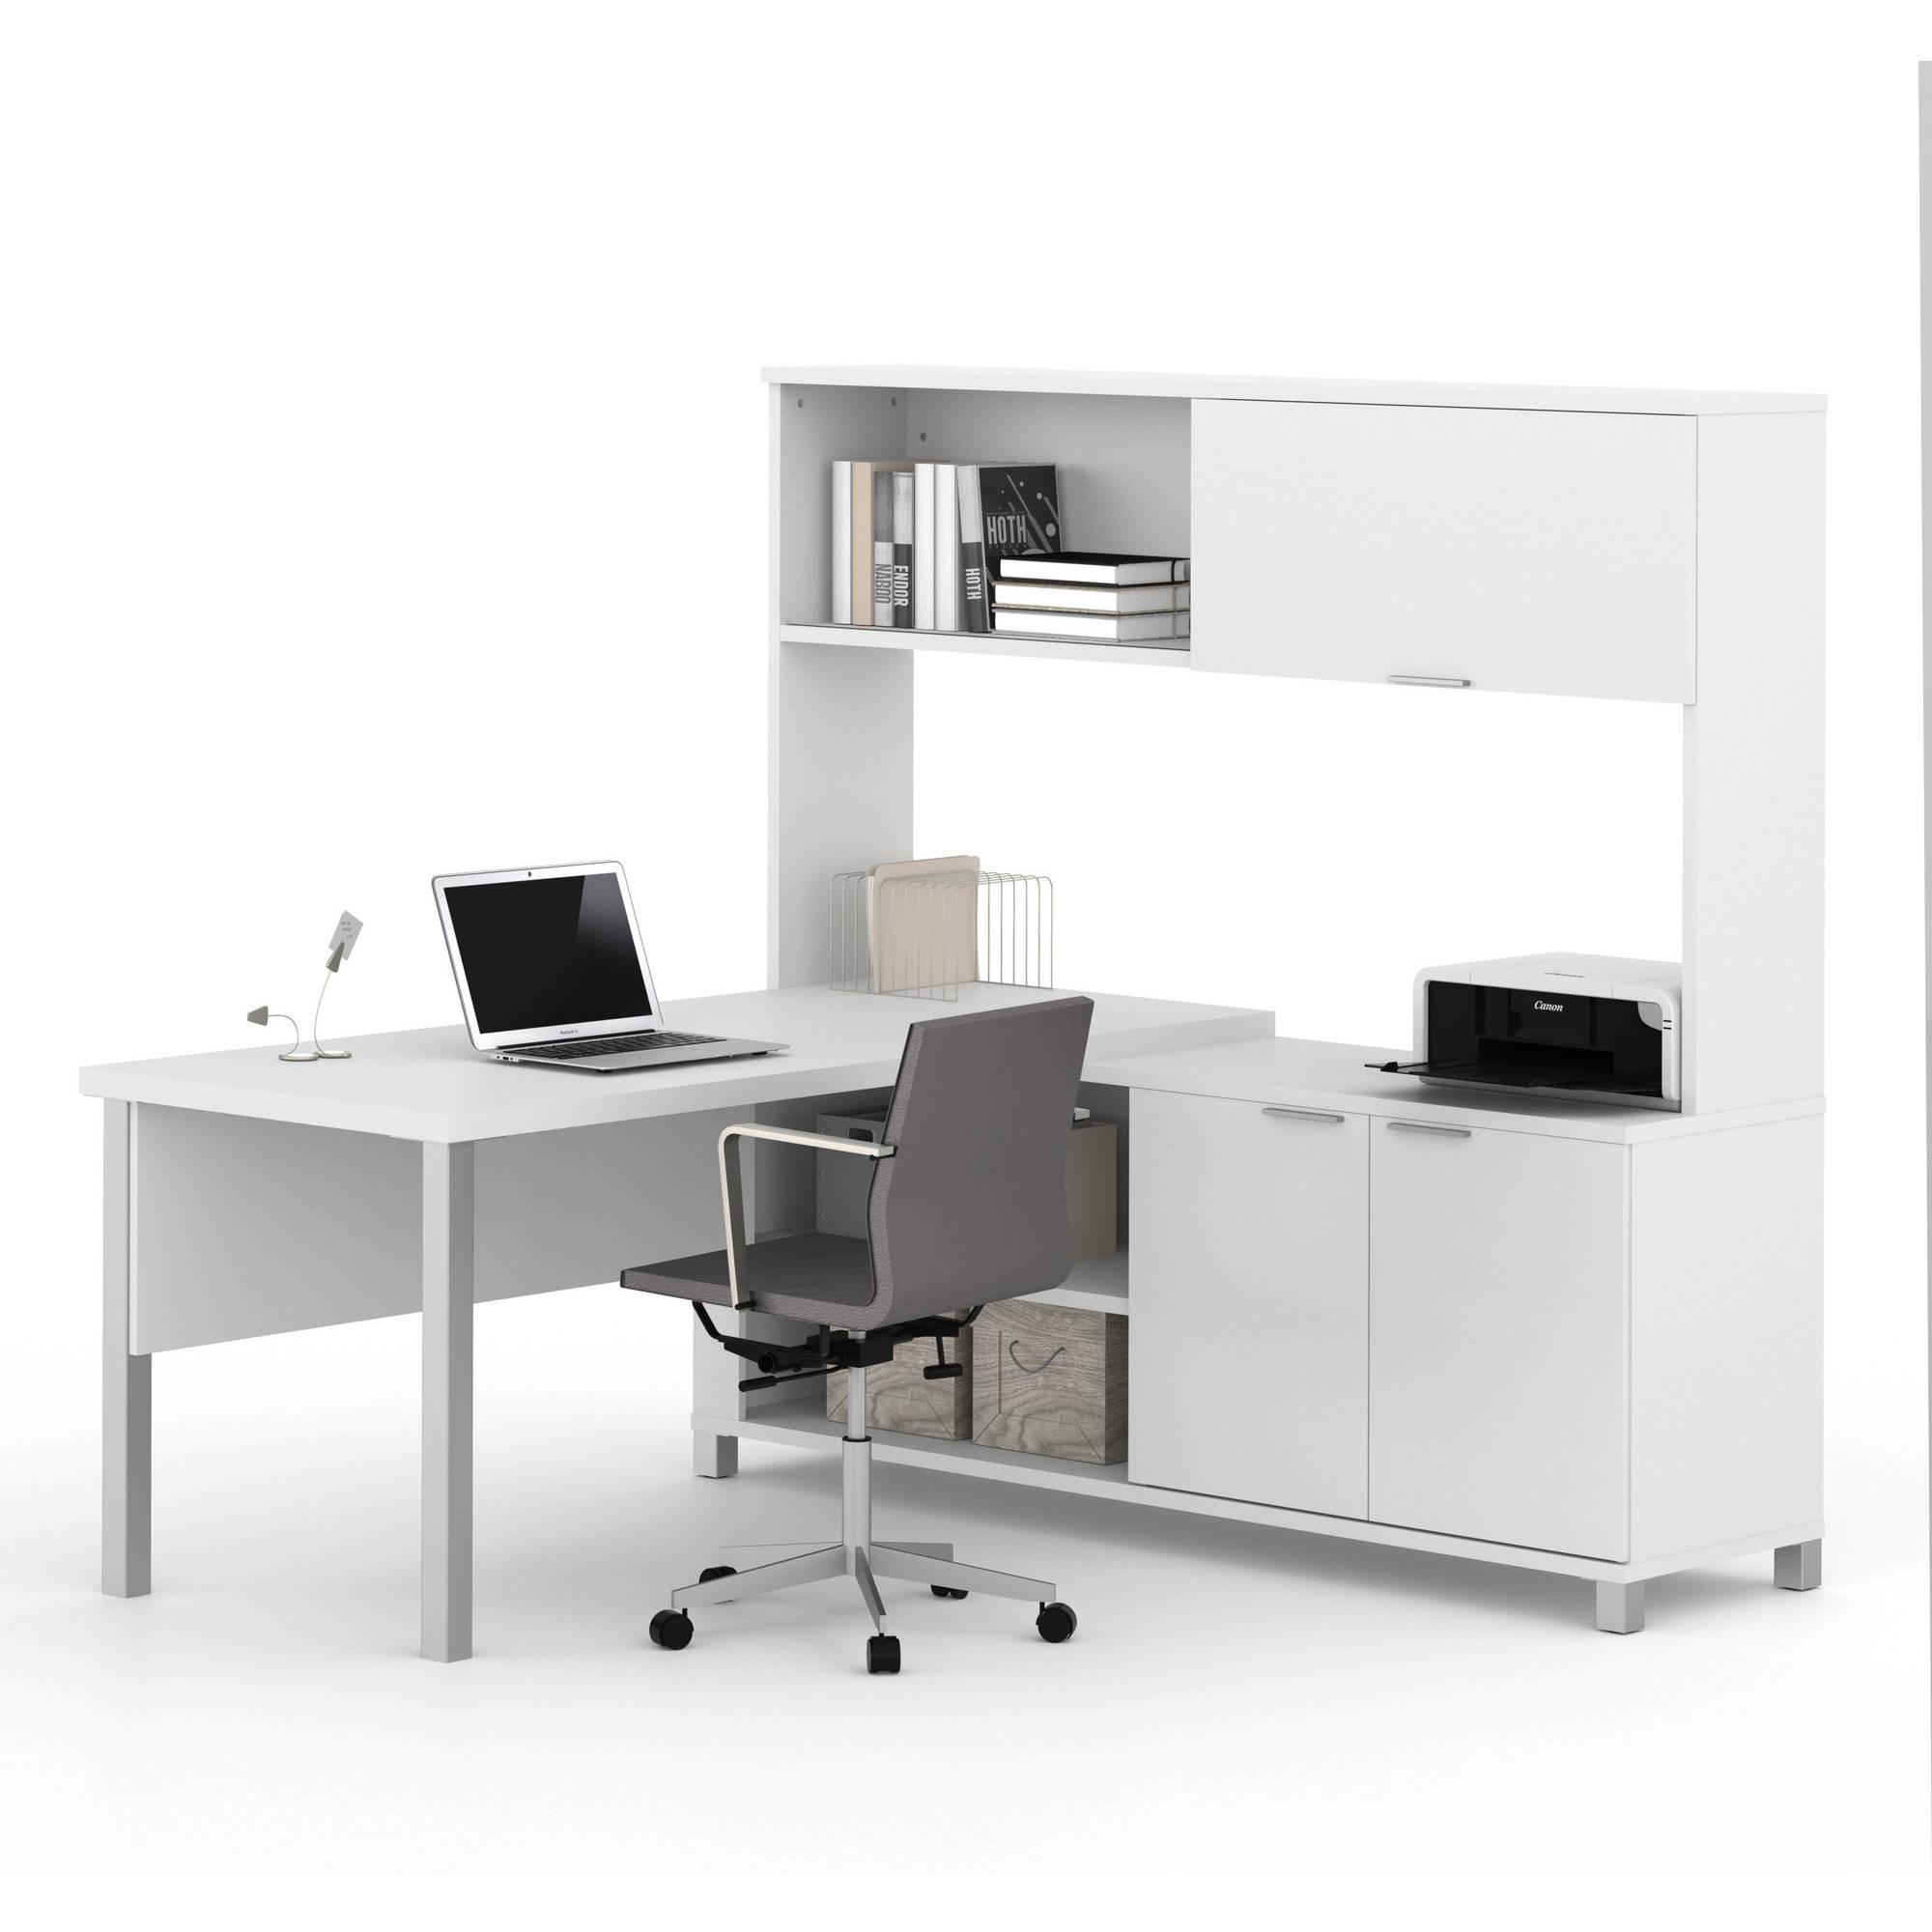 Bestar Pro-Linea L-Desk with Hutch, White